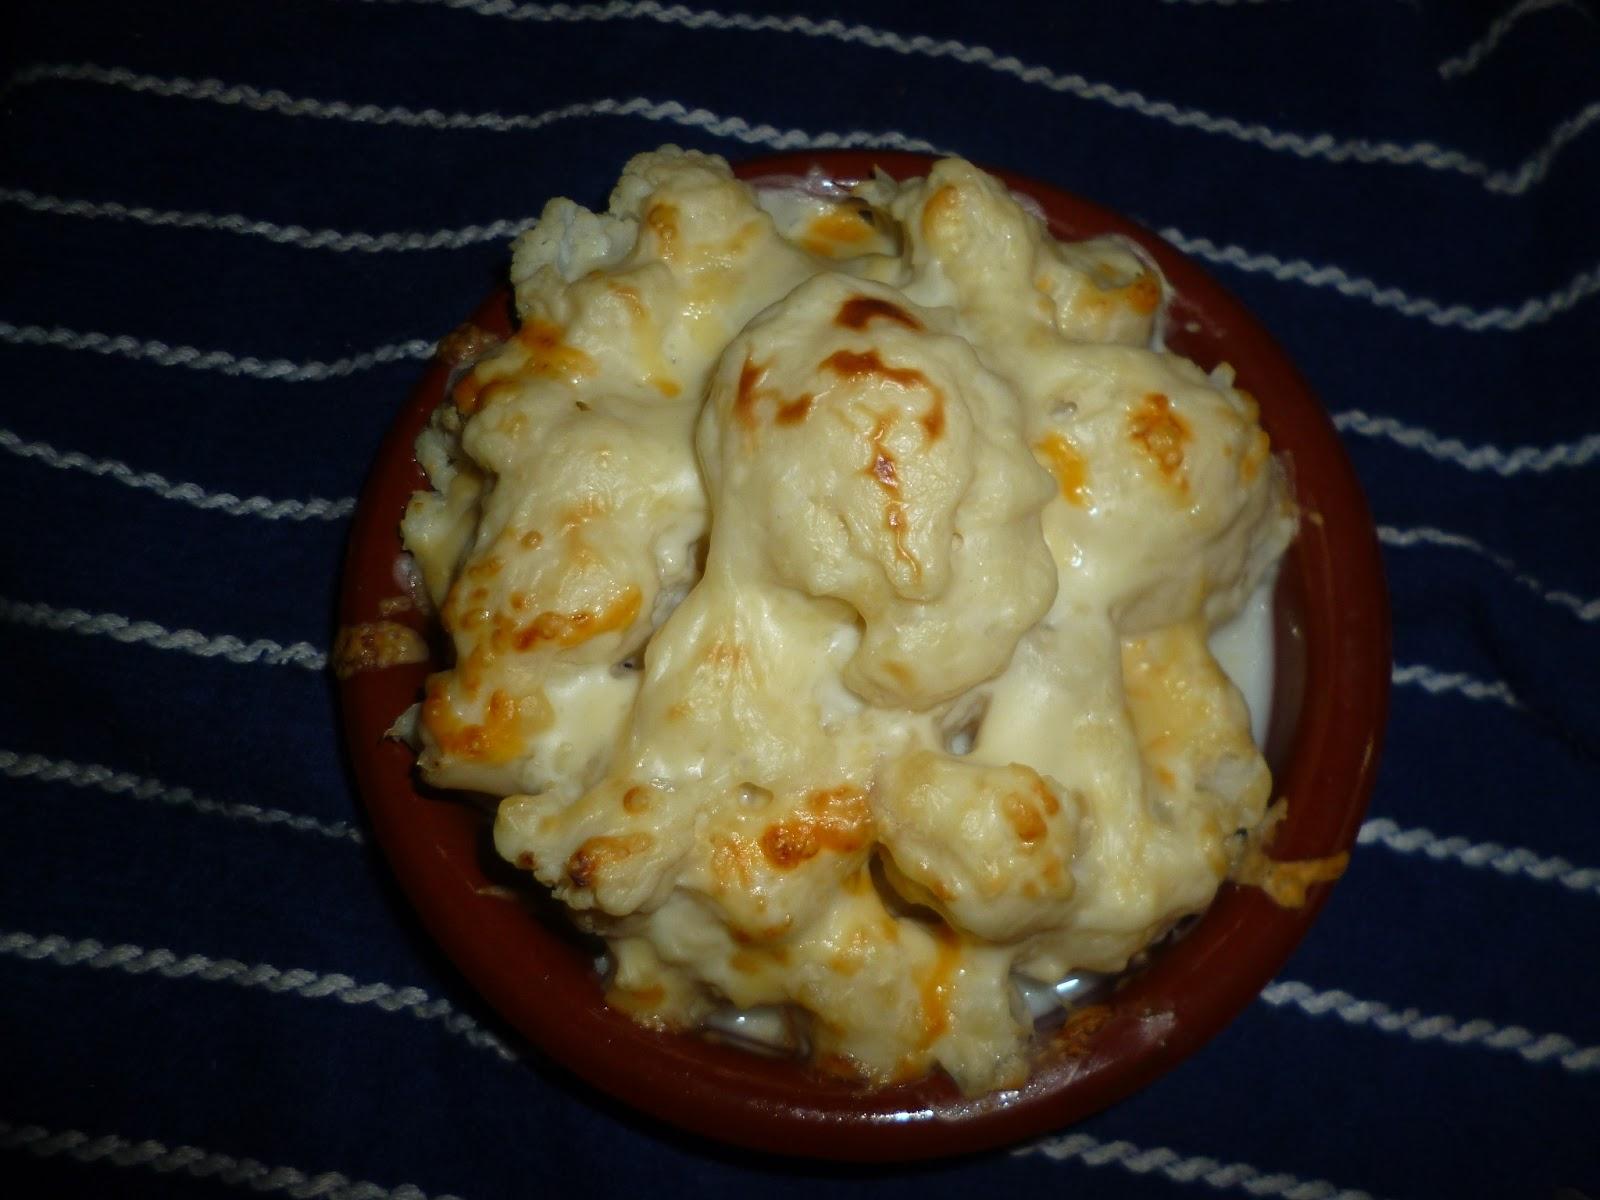 Cocina y reposteria con arkaitz y leire coliflor con besamel for Cocina y reposteria